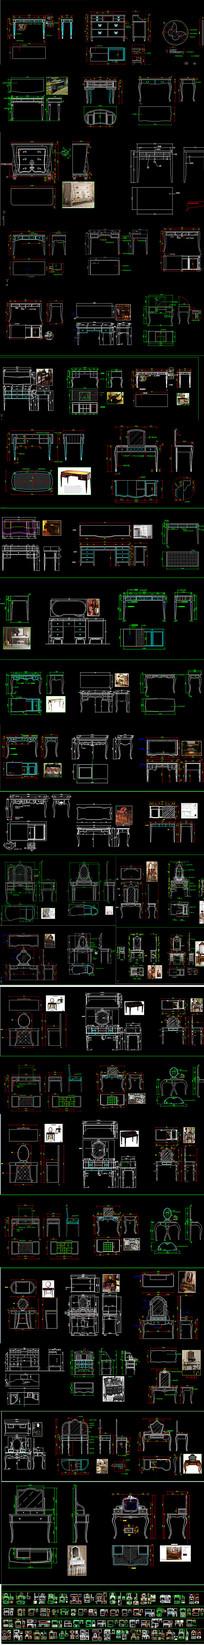 各种梳妆台CAD图库